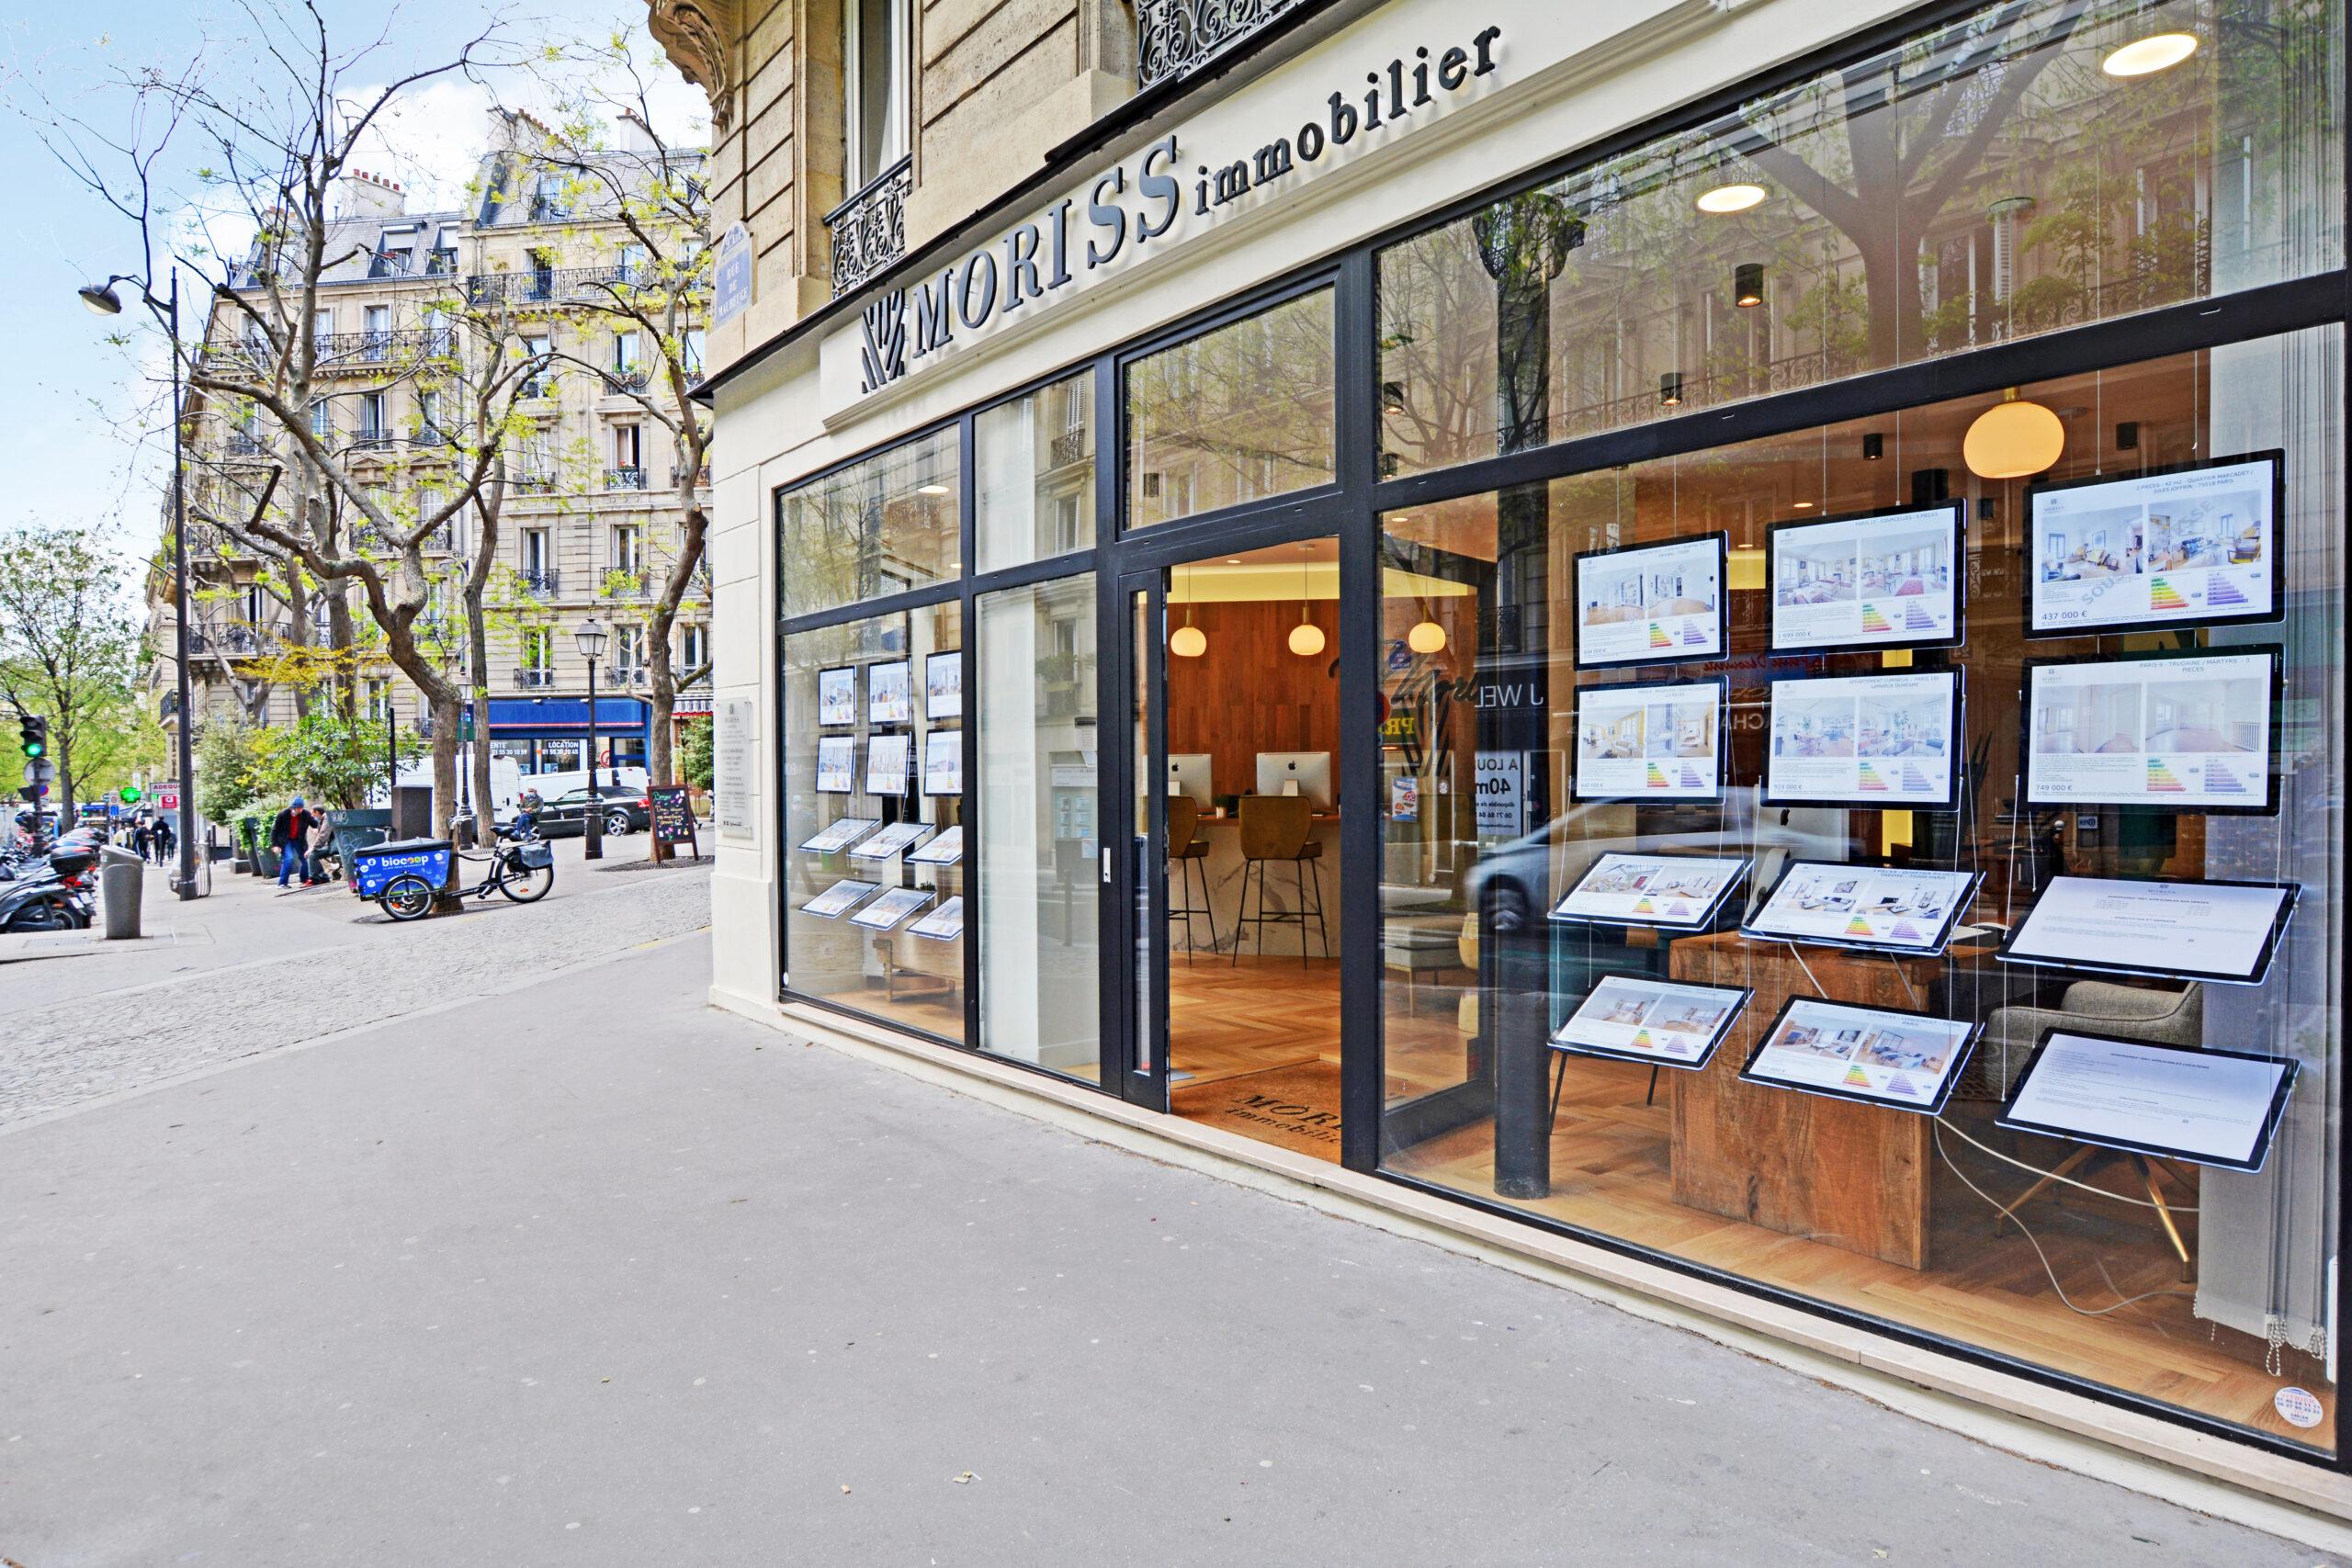 Moriss-Maubeuge-facade